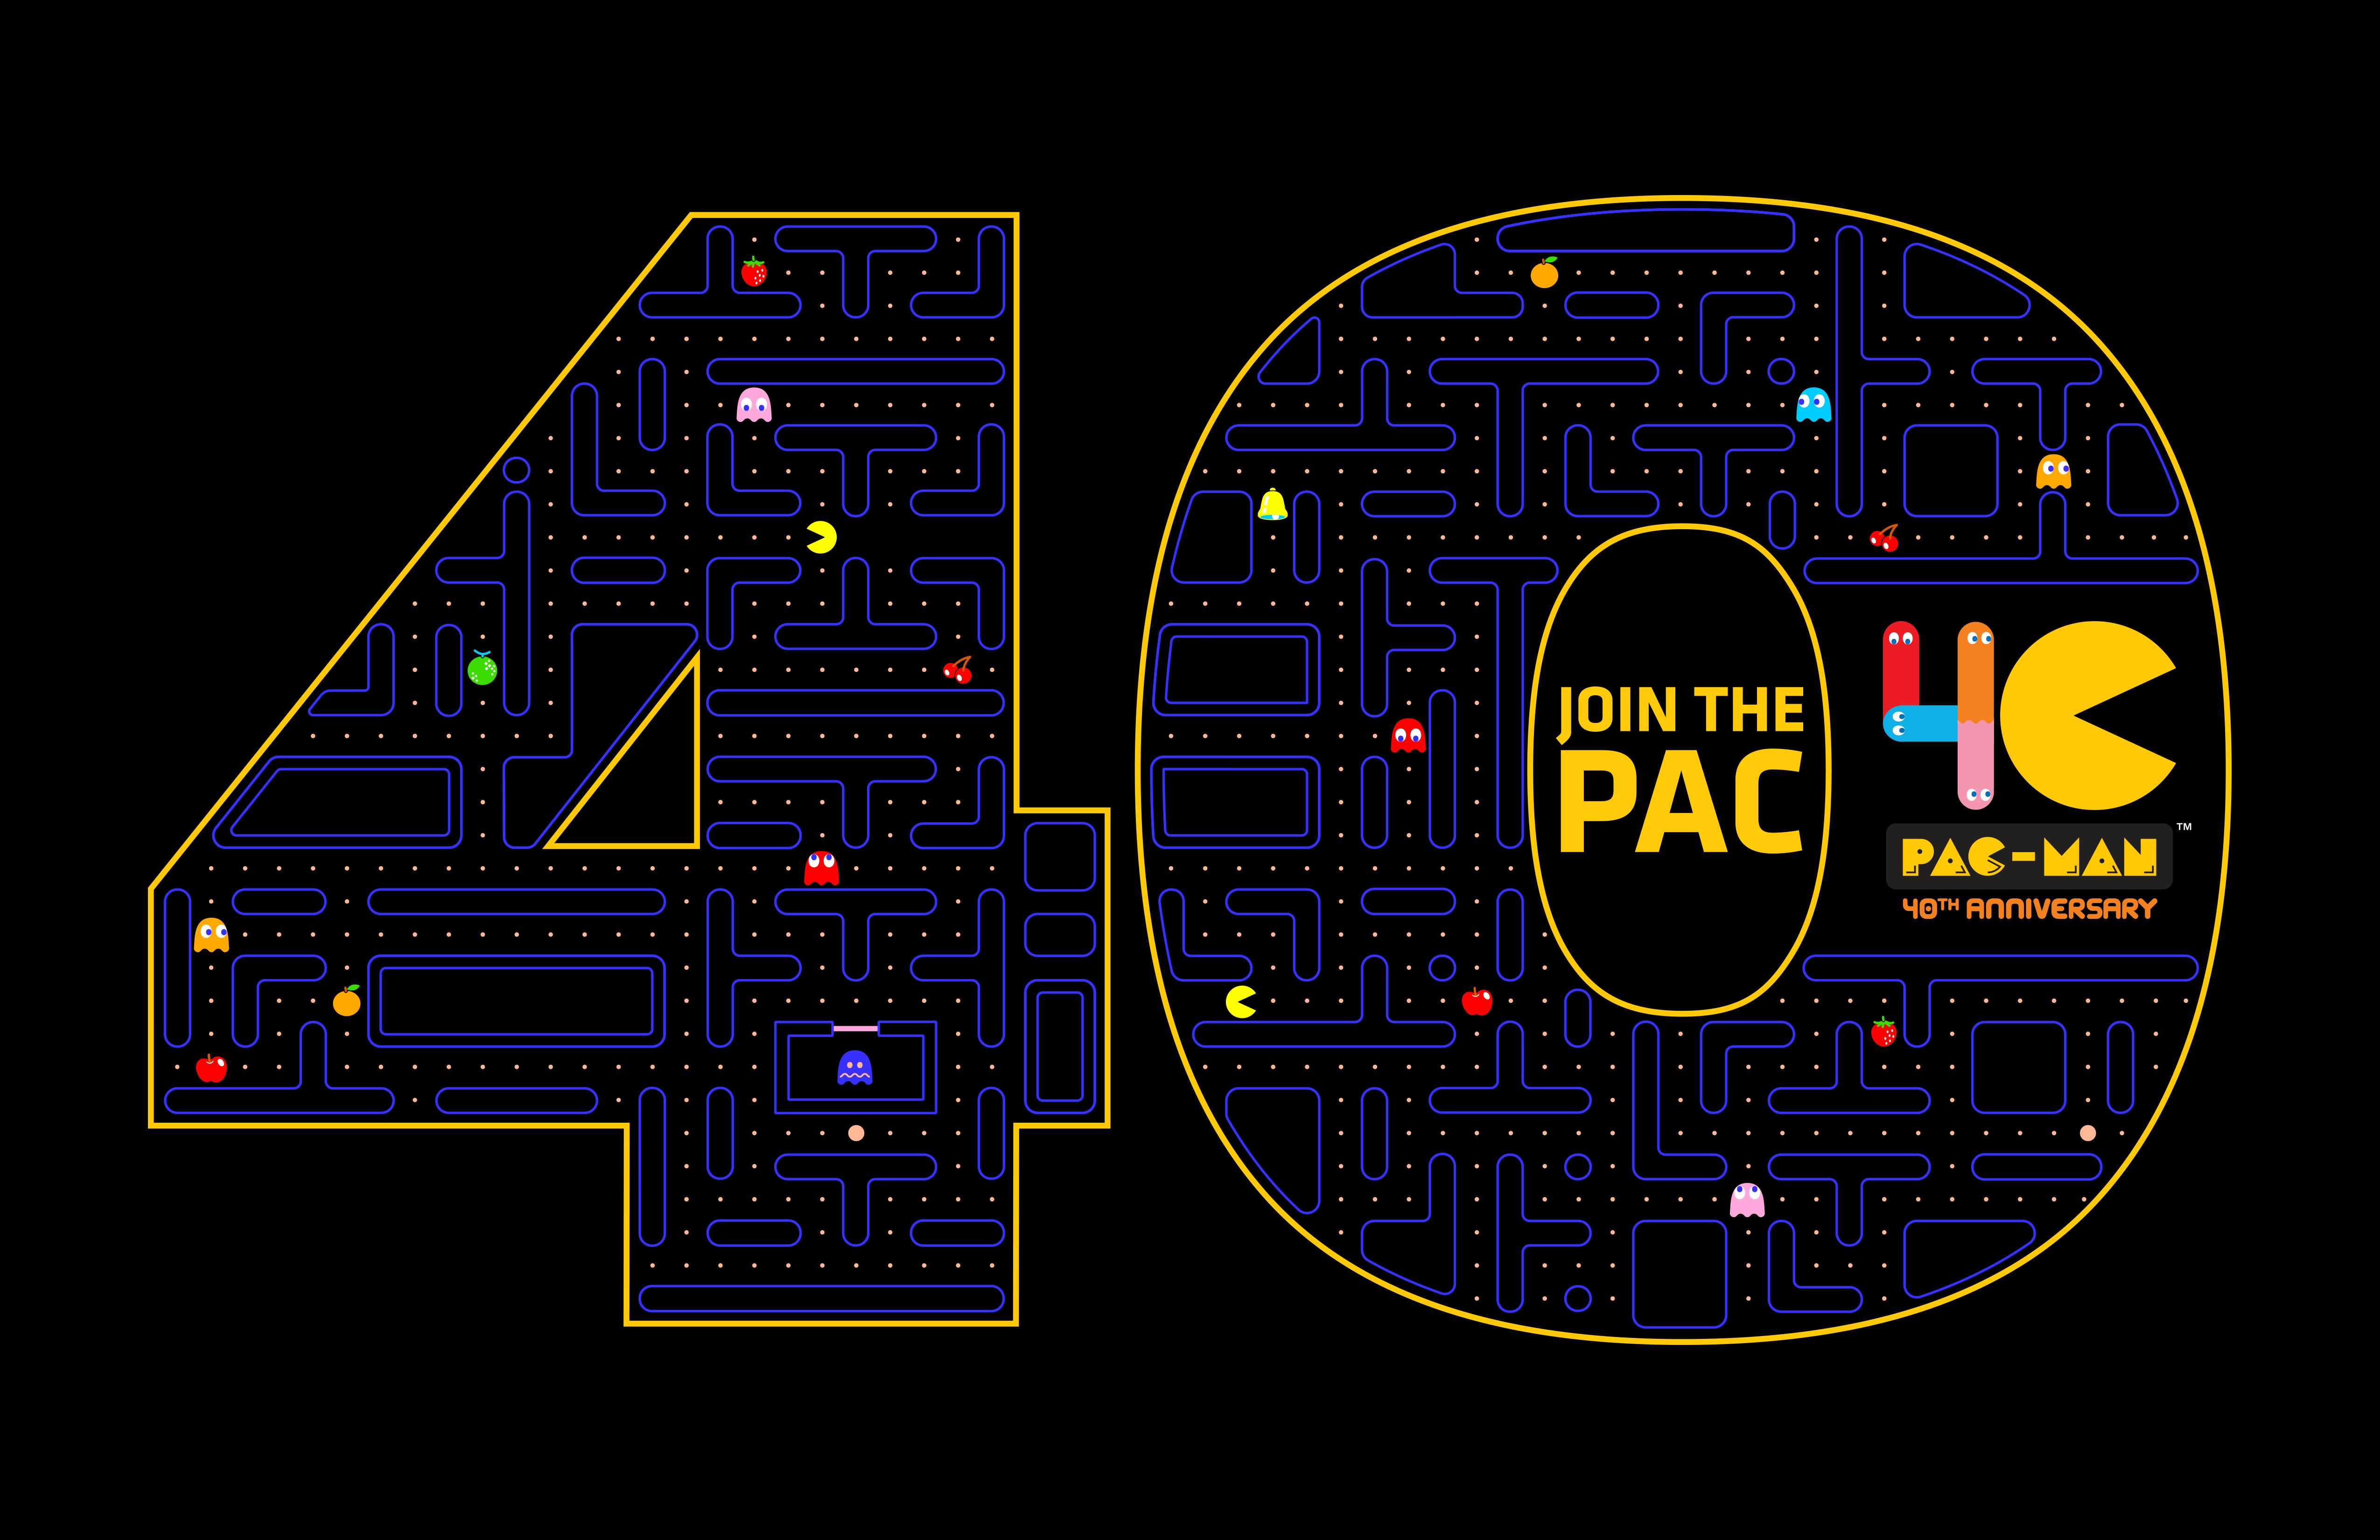 Pac-Man cumple 40 años, ¡felicidades Bandai Namco! El futuro del comecocos